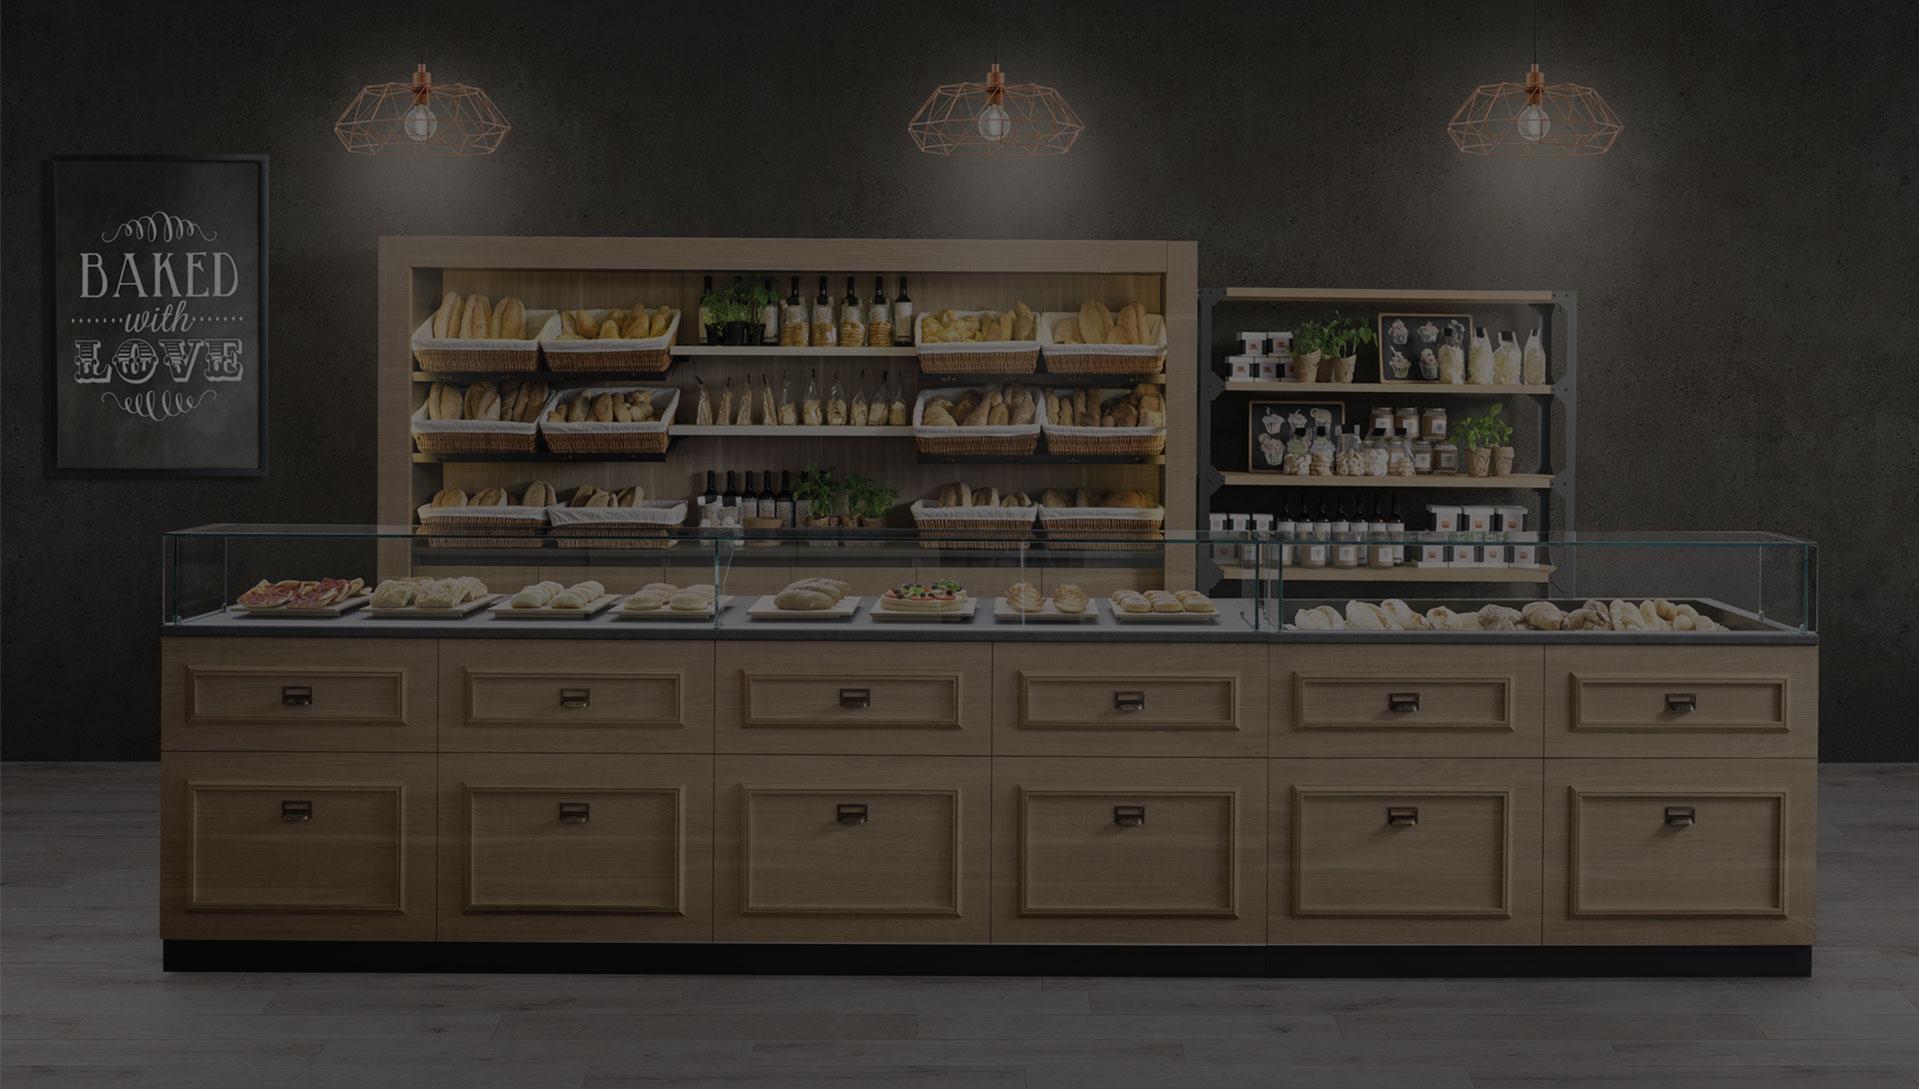 bakery cafe arredamenti attività commerciali - prodotto ginger